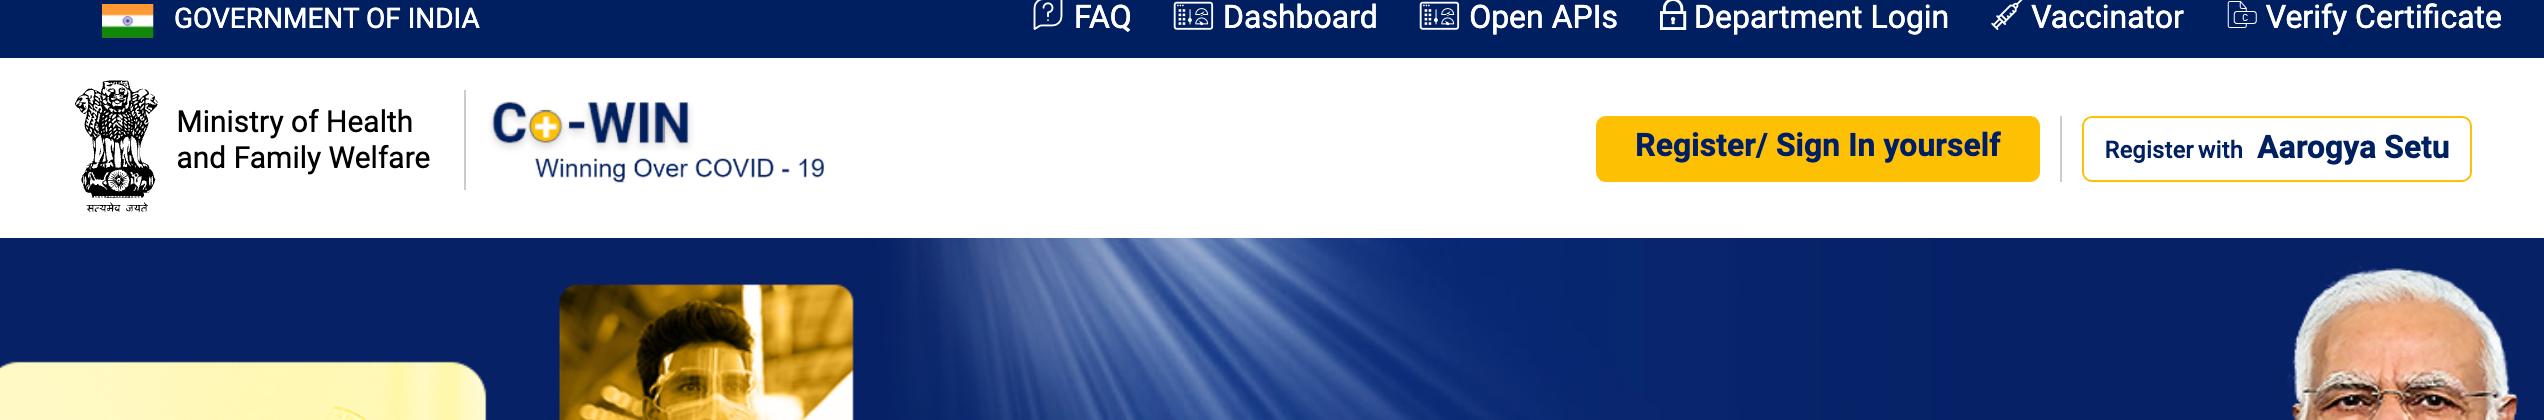 cowin gov in registration login